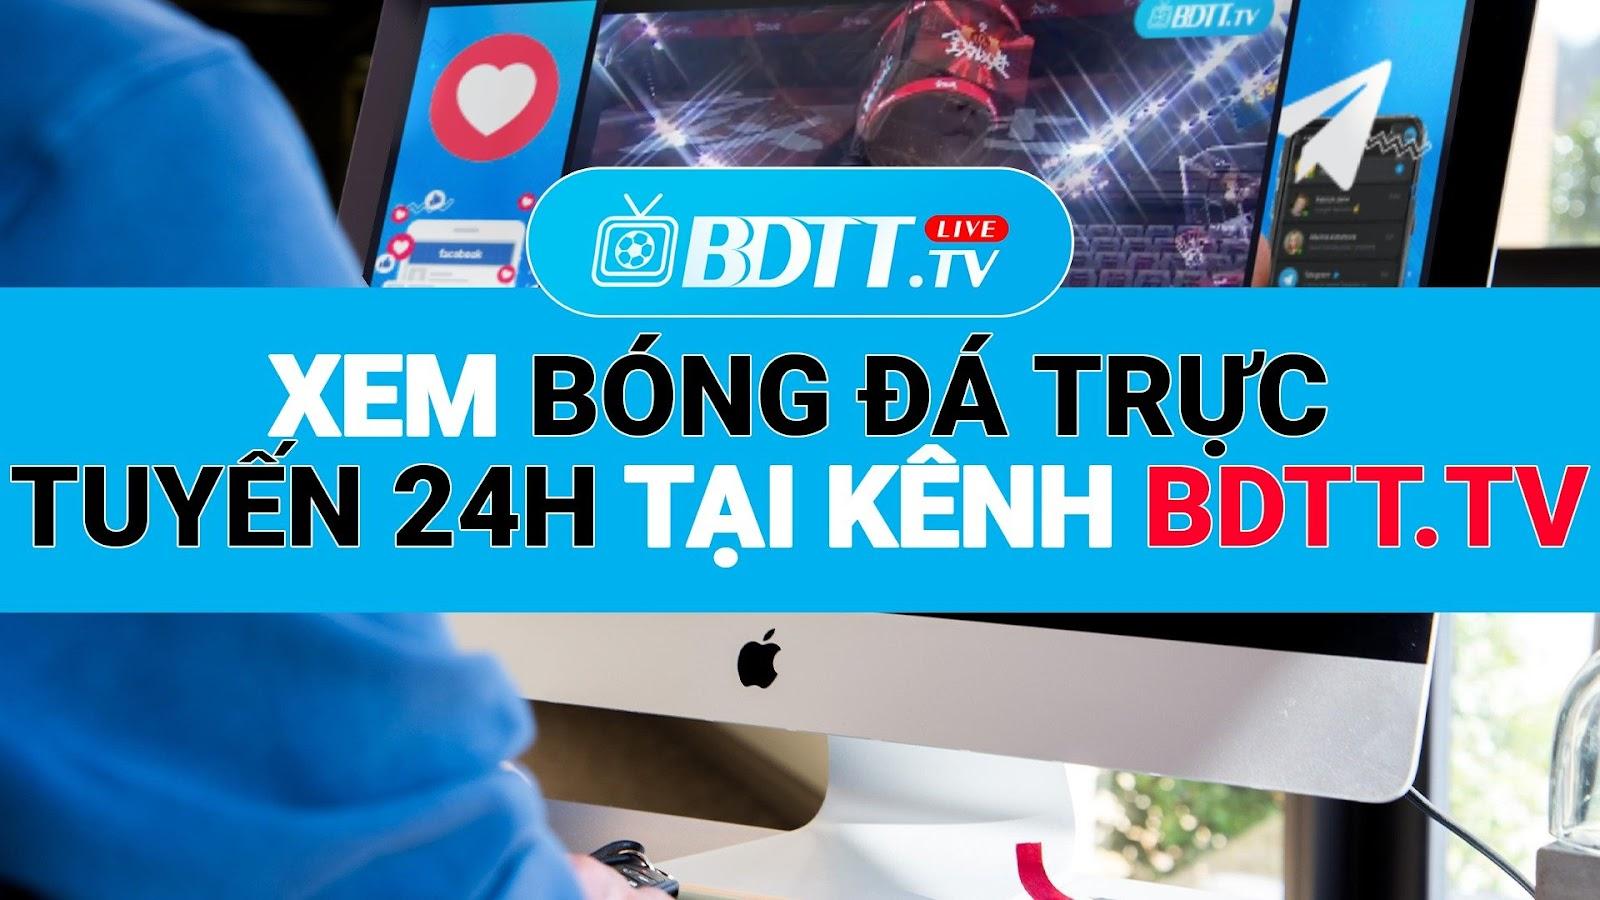 BDTT.tv - Xem trực tiếp bóng đá miễn phí như VTV6HD, là kênh giúp bạn có thể xem trực tiếp bóng đá chất lượng cao, mượt mà, không lo quảng cáo. Hỗ trợ cập nhật nhanh các trận đấu bóng đá kịp thời và tức thì nhất 24h.